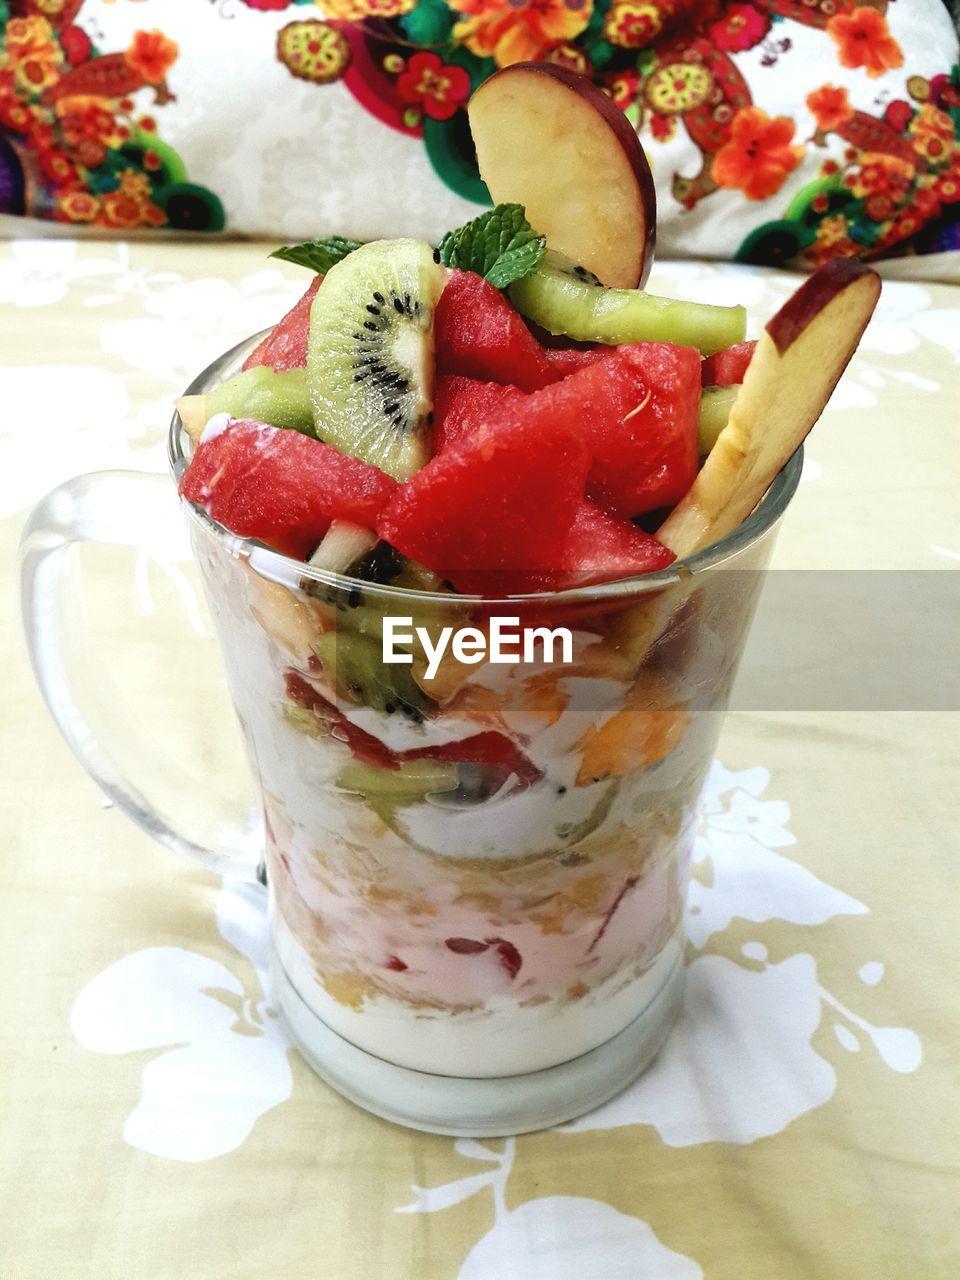 Fruit dessert in glass